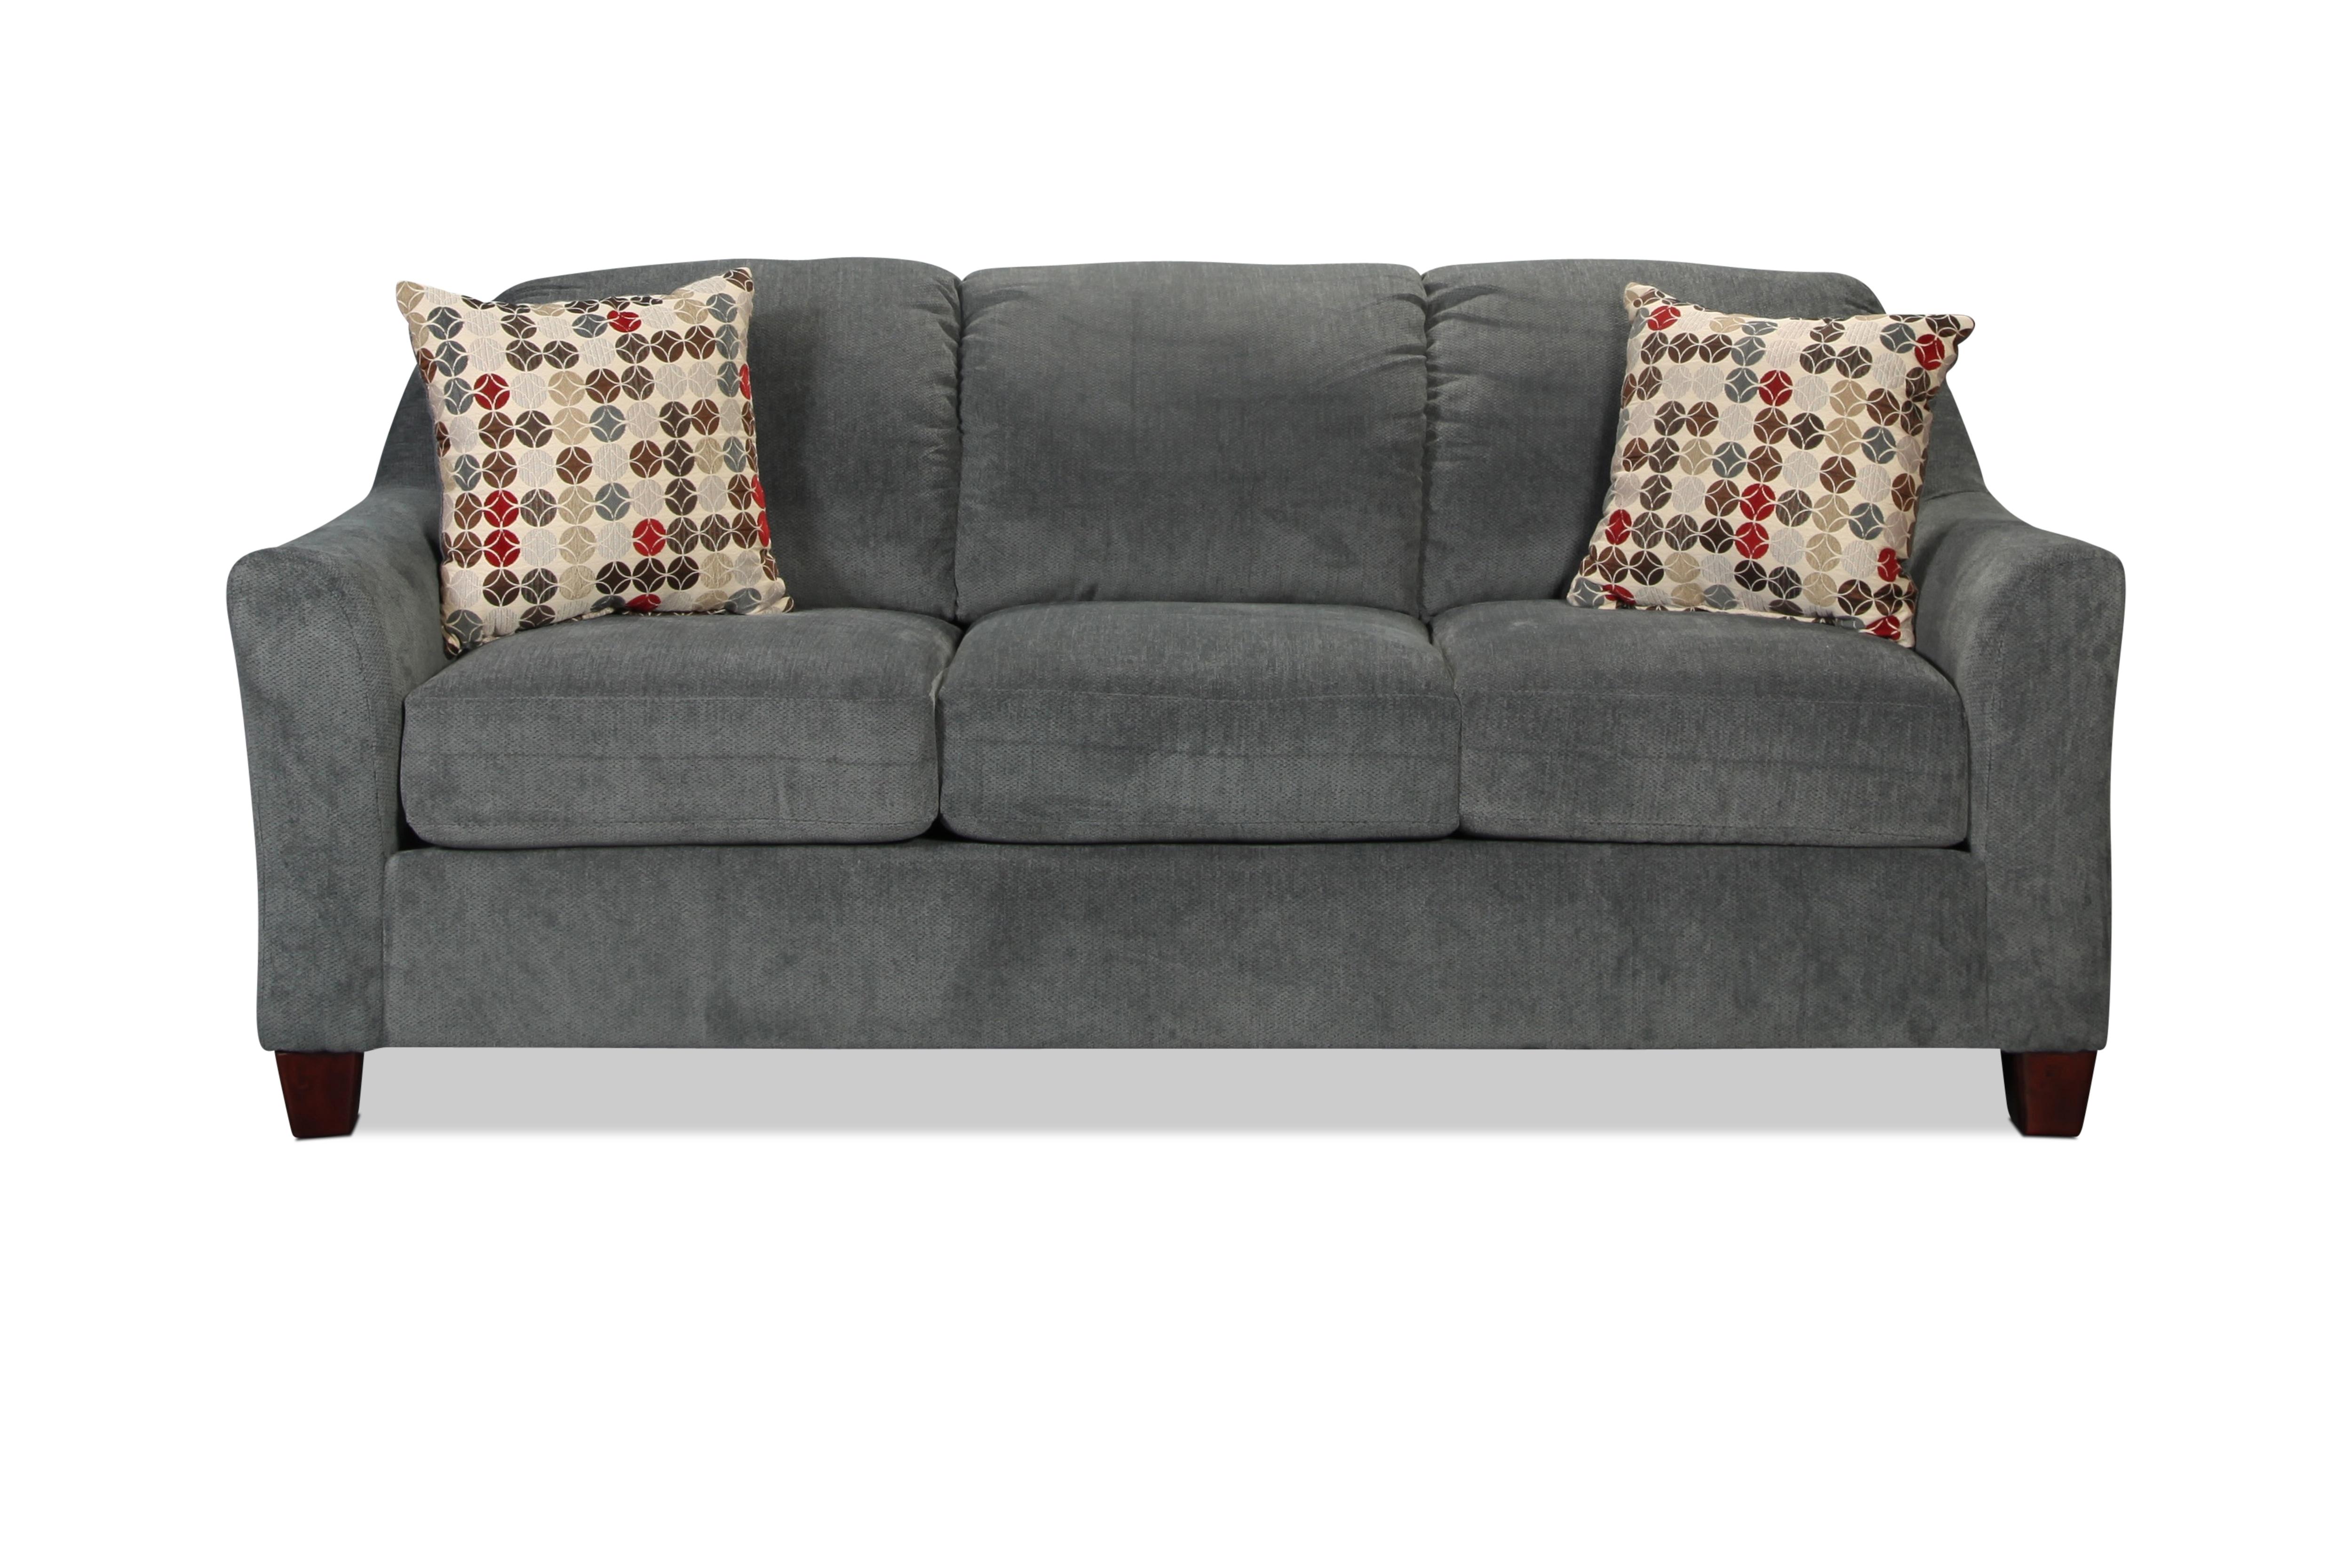 Canoga Sofa - Delft